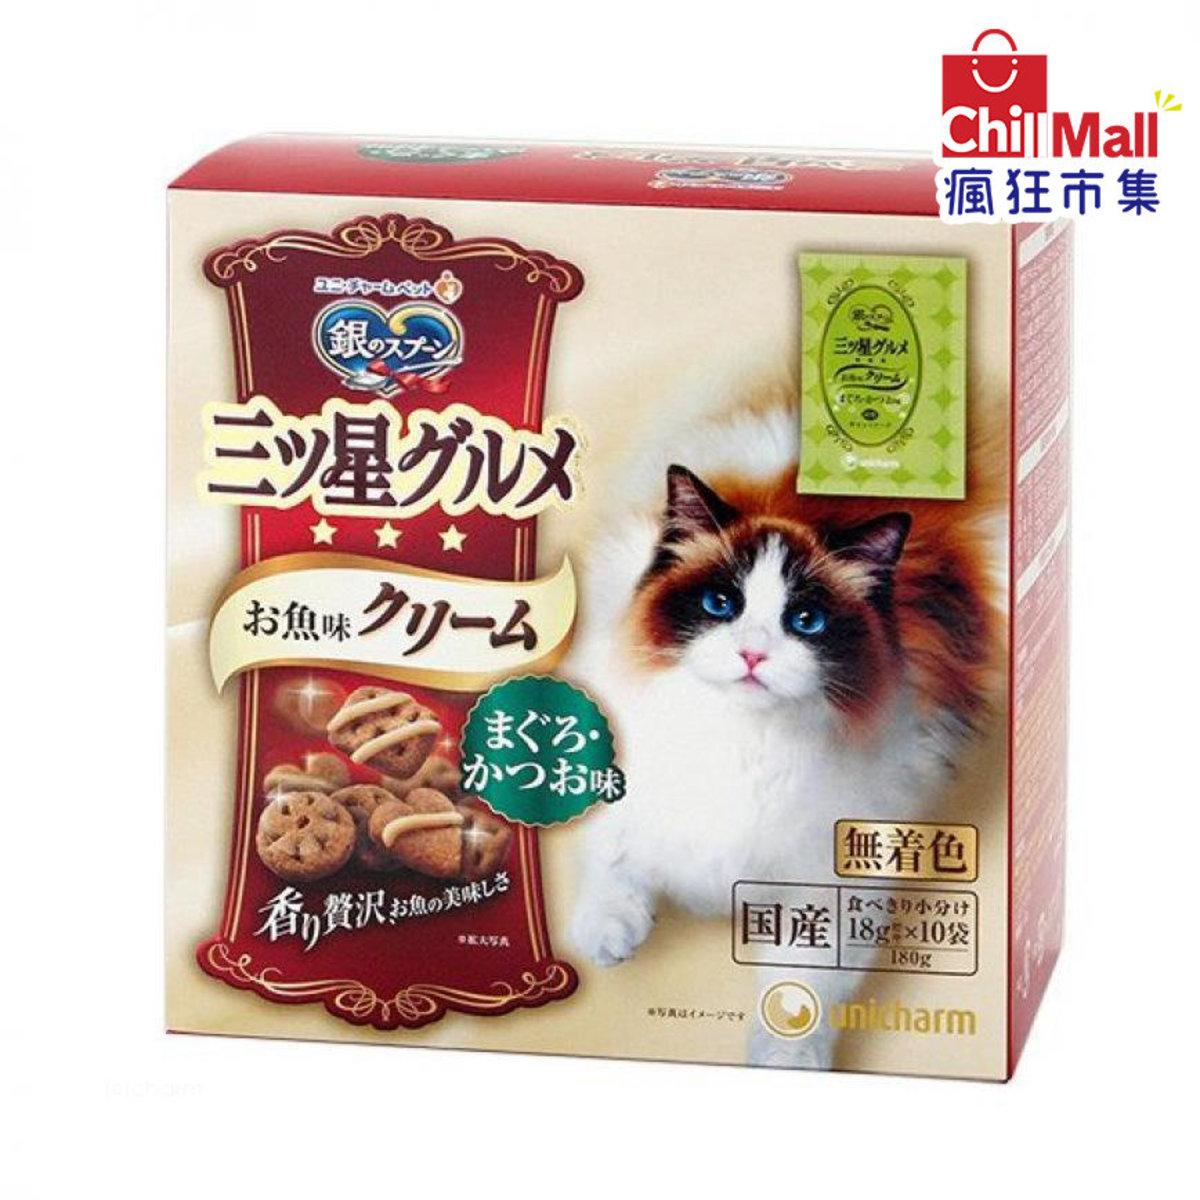 日本unicharm 三星銀匙貓脆餅 金槍魚及鰹魚味 180g 9630549